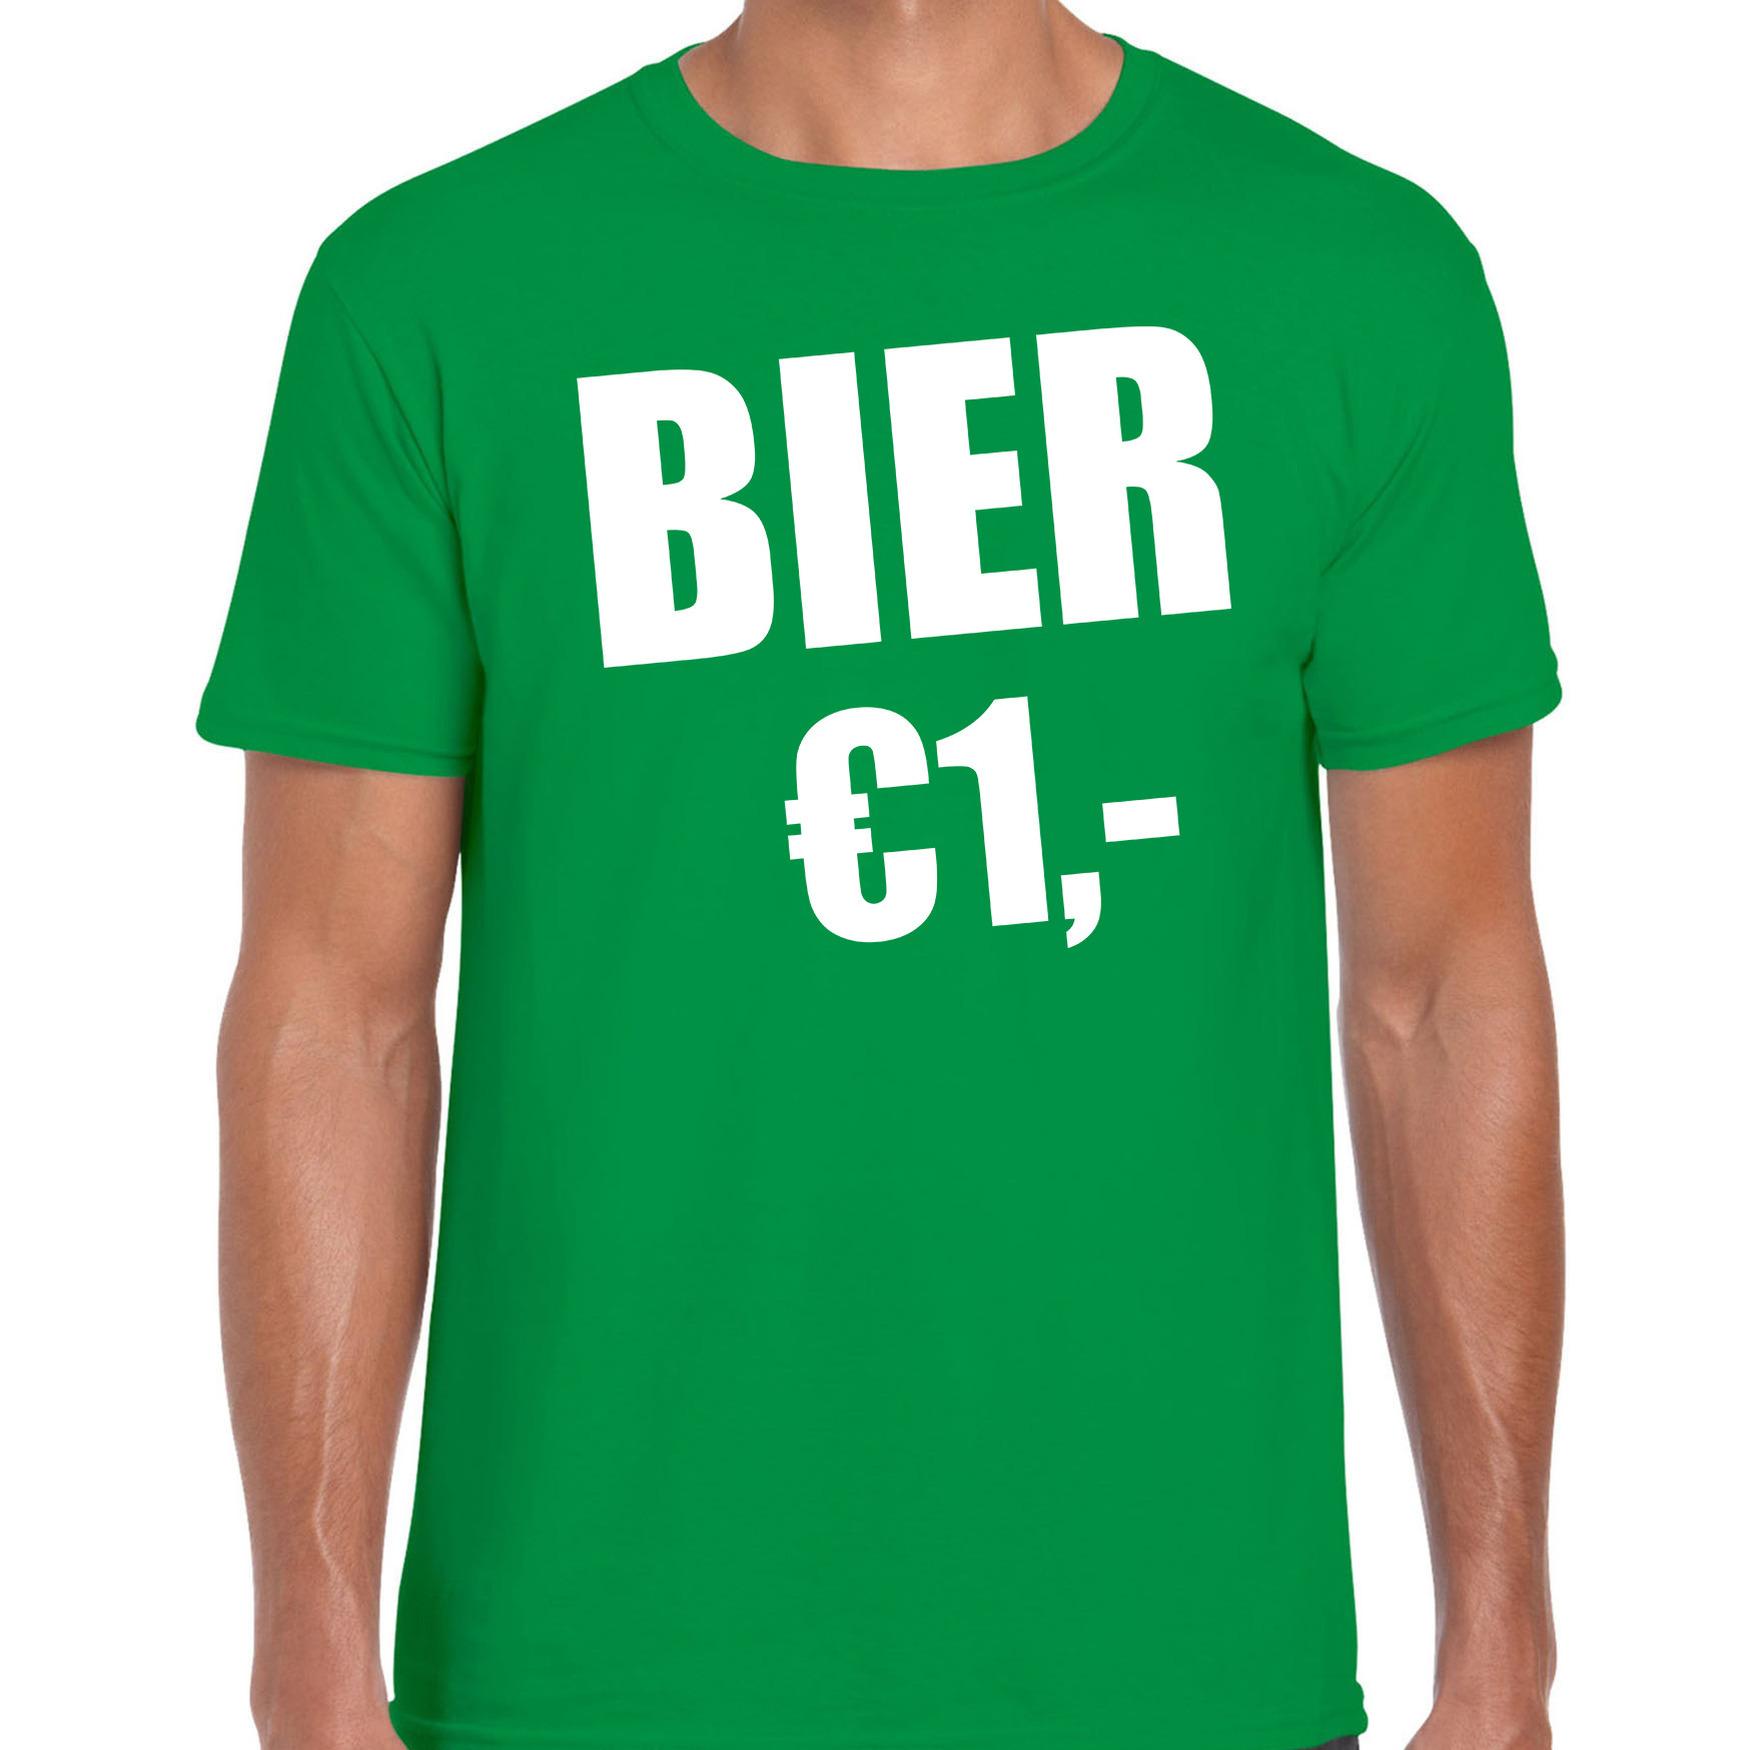 Fun t-shirt bier 1 euro groen voor heren L -